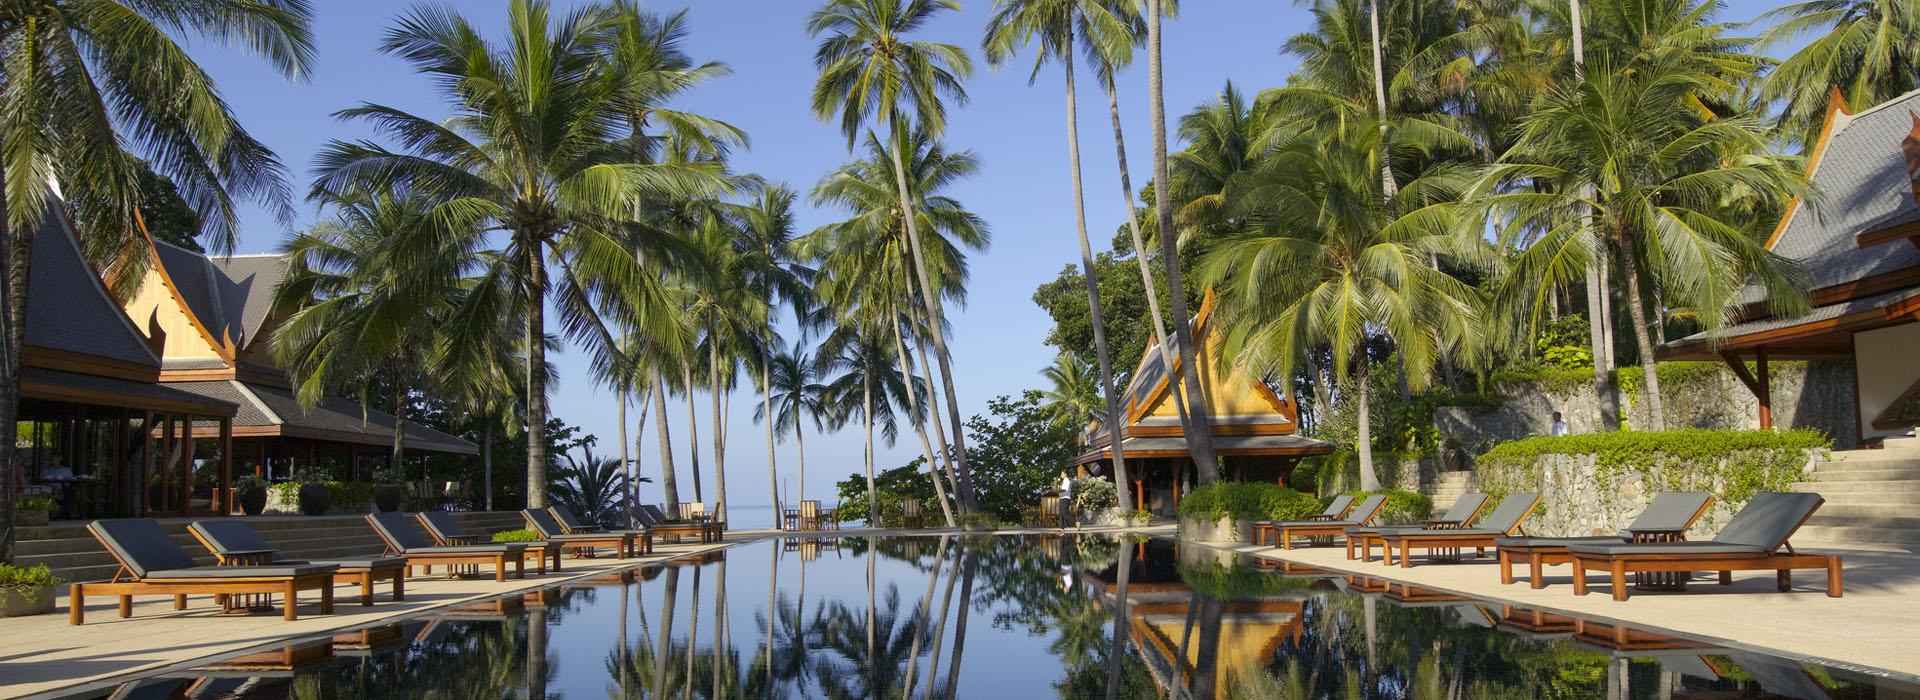 Amanpuri Ocean Villas